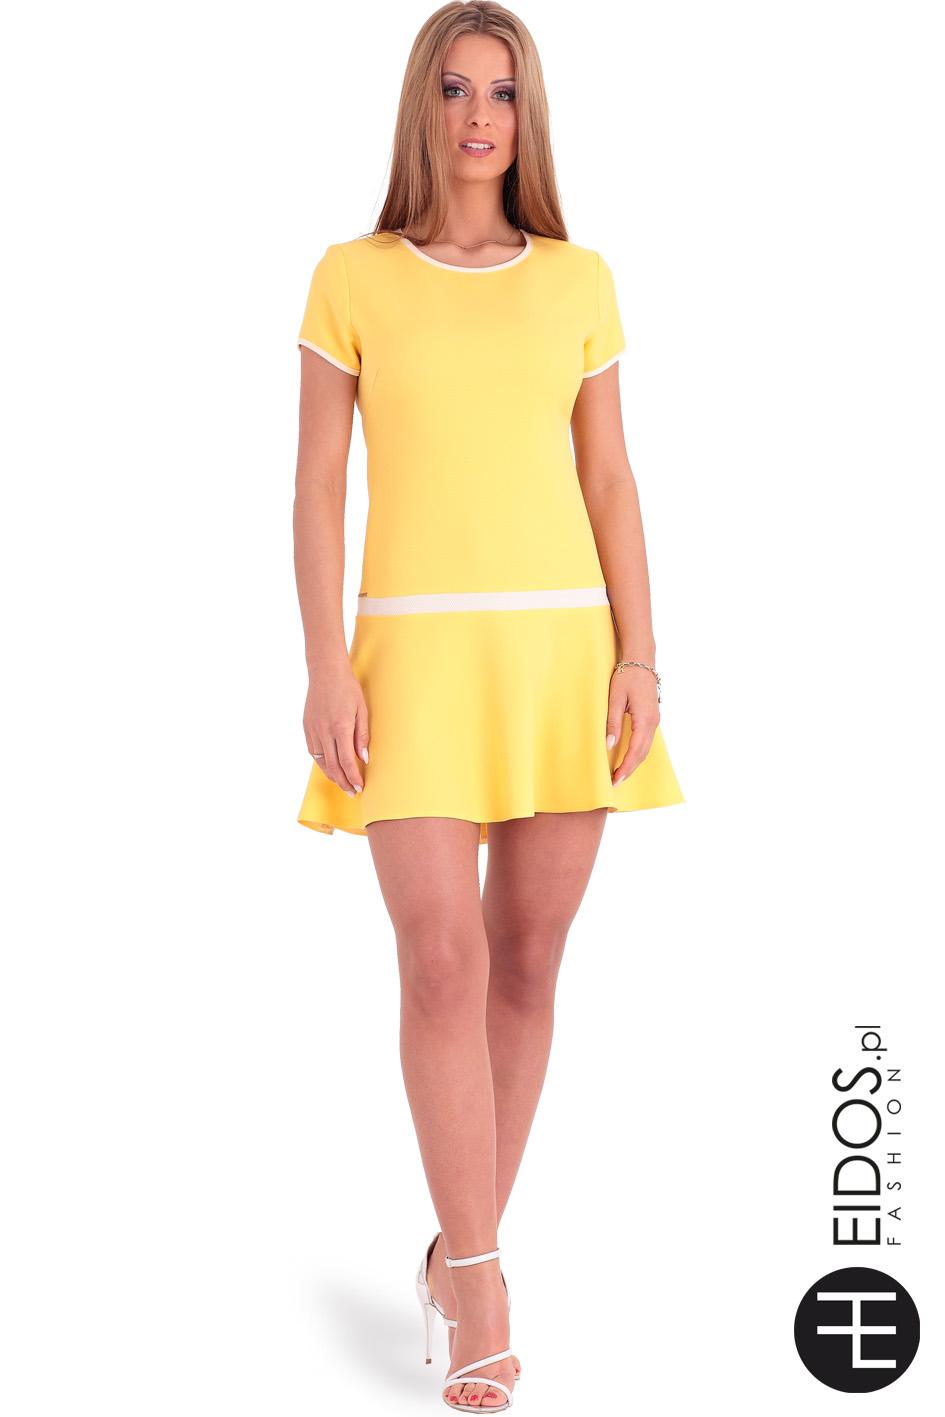 5151bafe2a Letnia sukienka na wesele HONEY żółta - Eidos Fashion